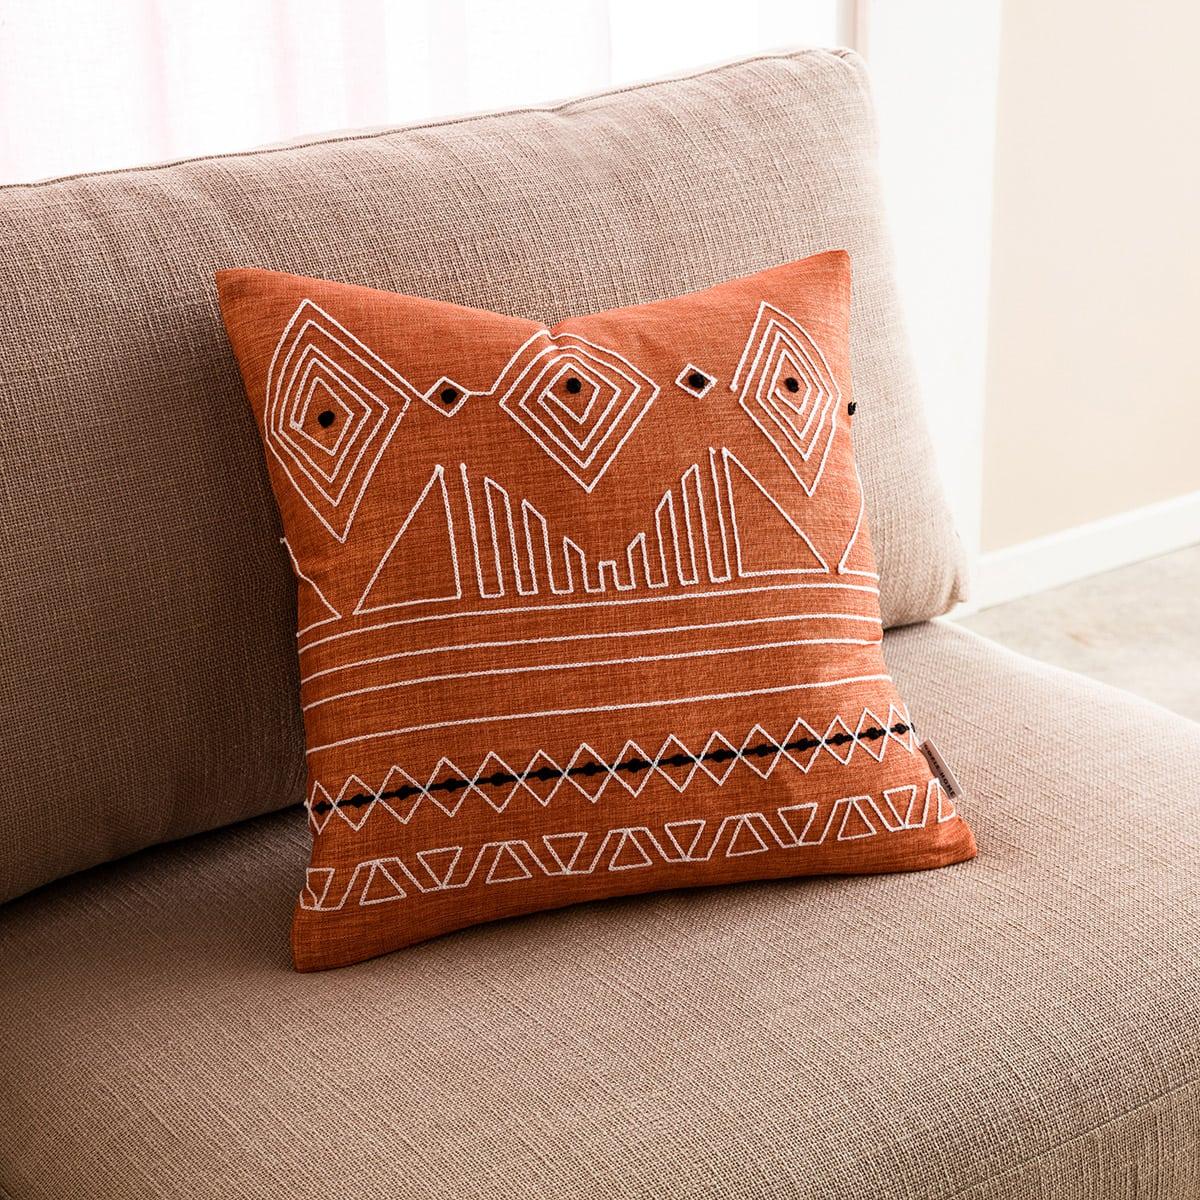 Μαξιλαροθήκη Διακοσμητική Edna 162/13 Tan Brown Gofis Home 45X45 100% Polyester